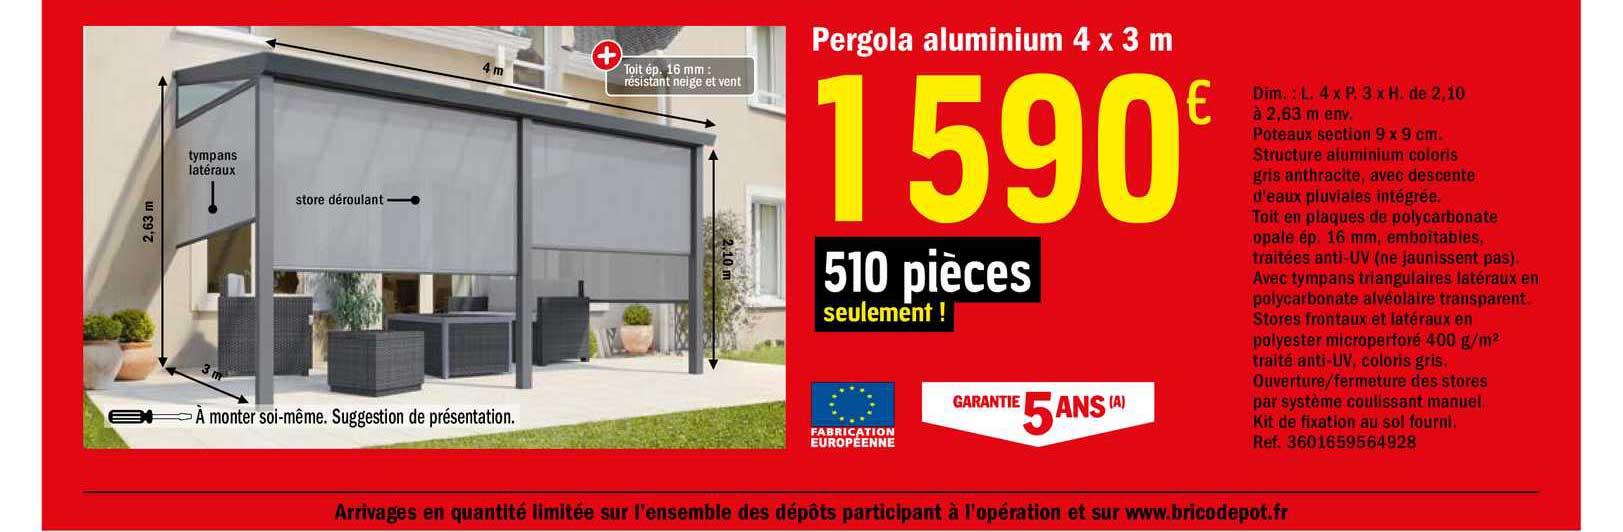 Offre Pergola Aluminium 4 X 3 M Chez Brico Depot